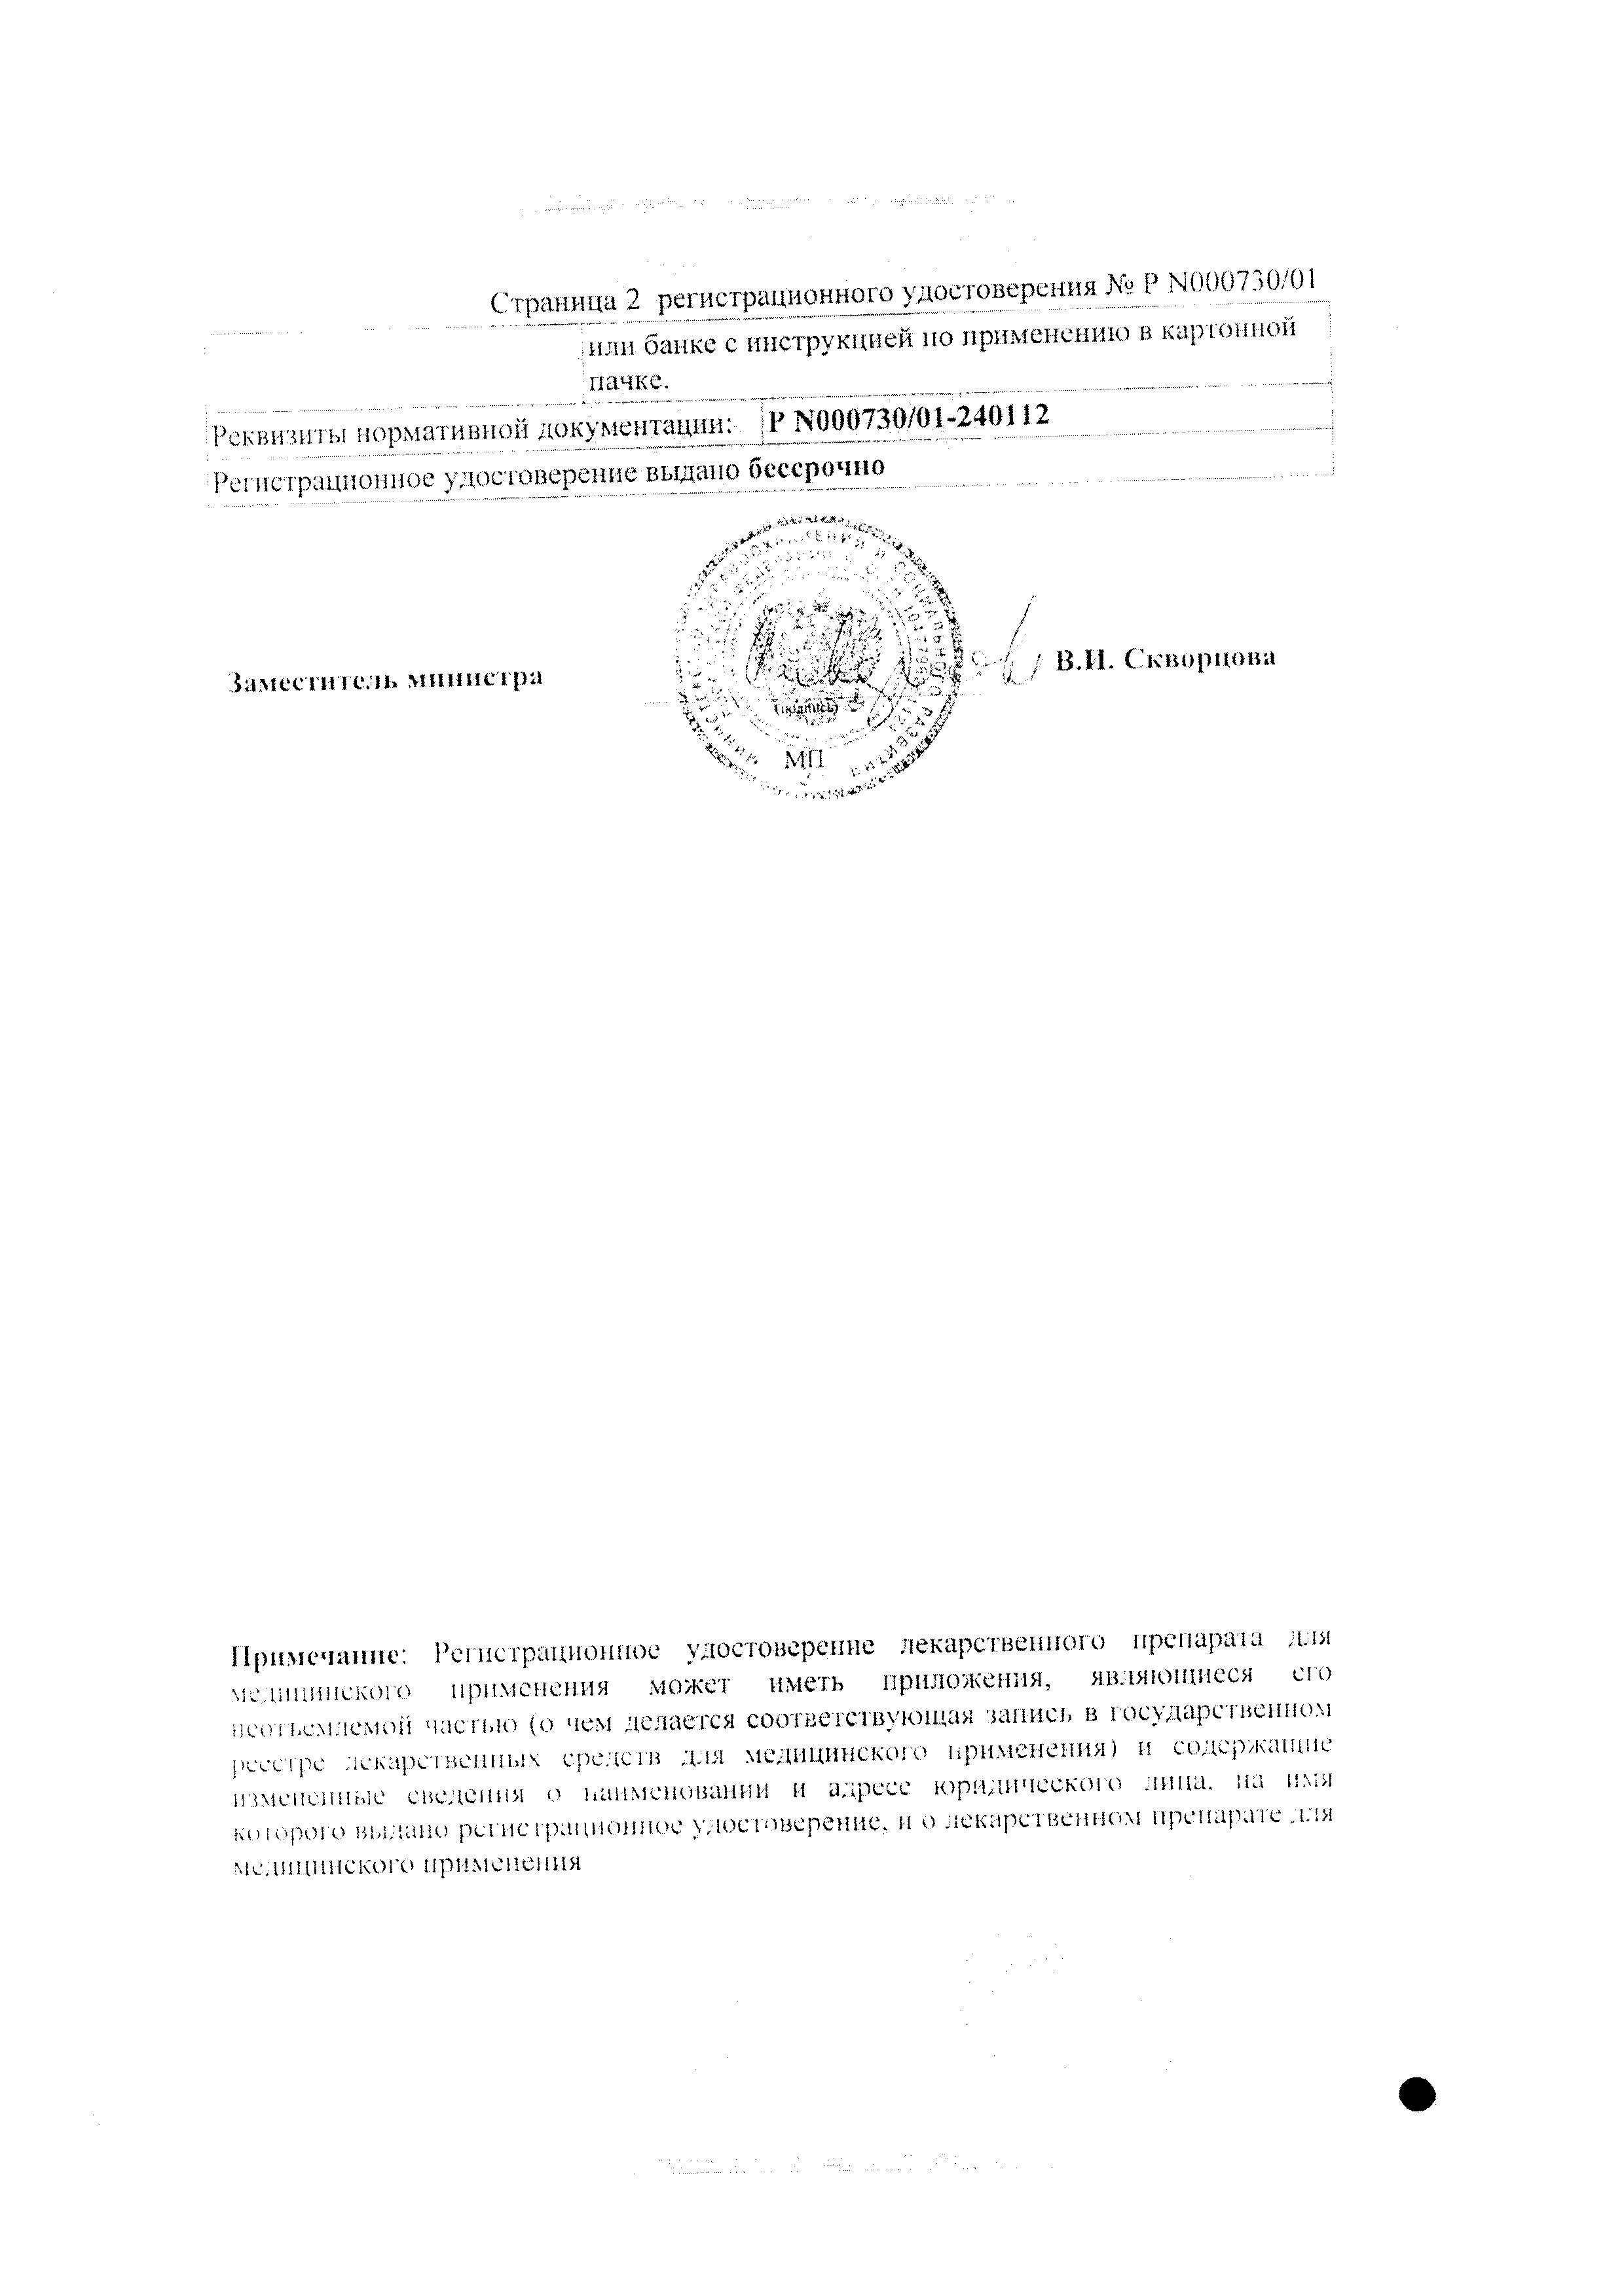 Арника-ГФ сертификат